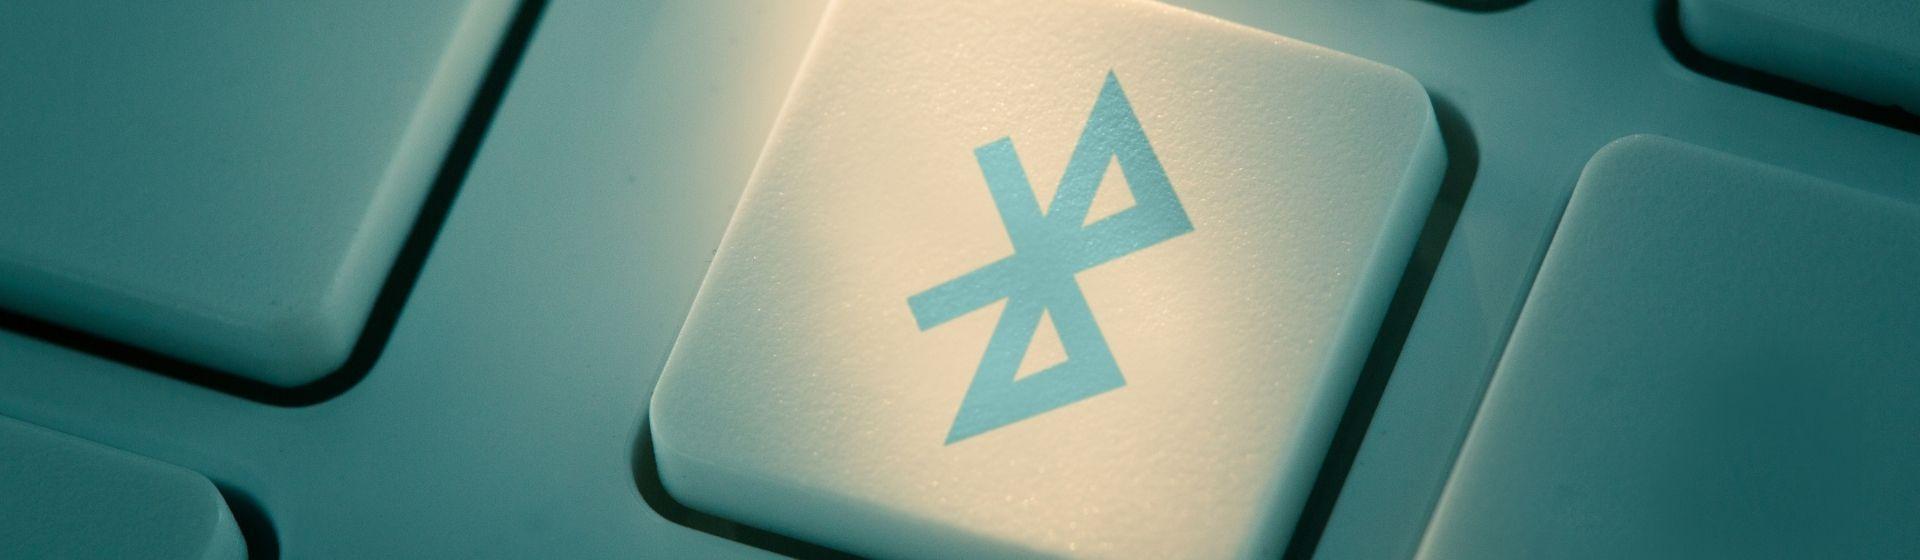 Bluetooth: saiba tudo sobre essa tecnologia